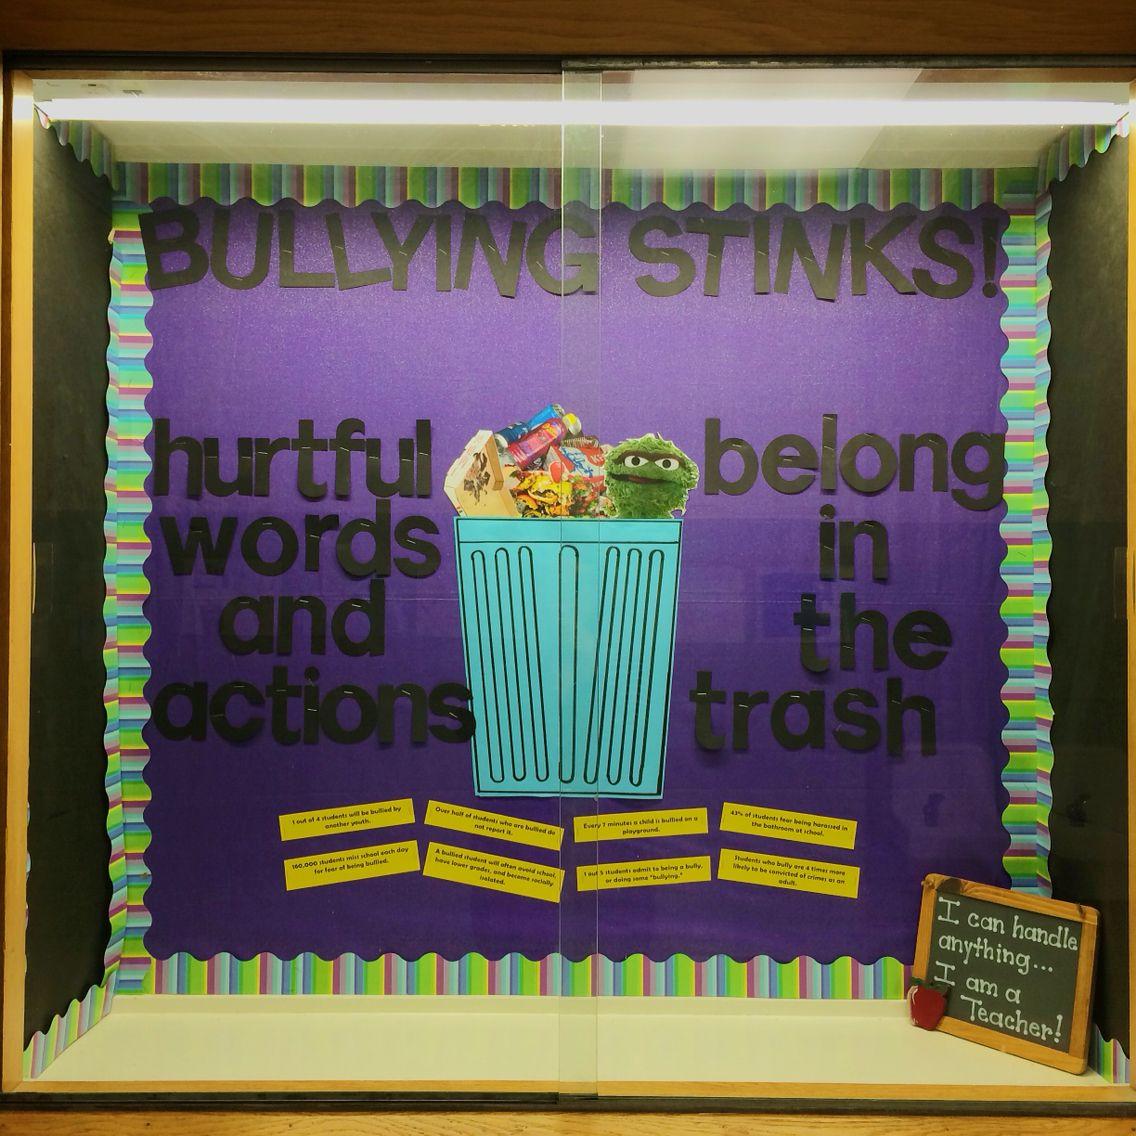 No bullying bulletin board nobullying bullyingstinks